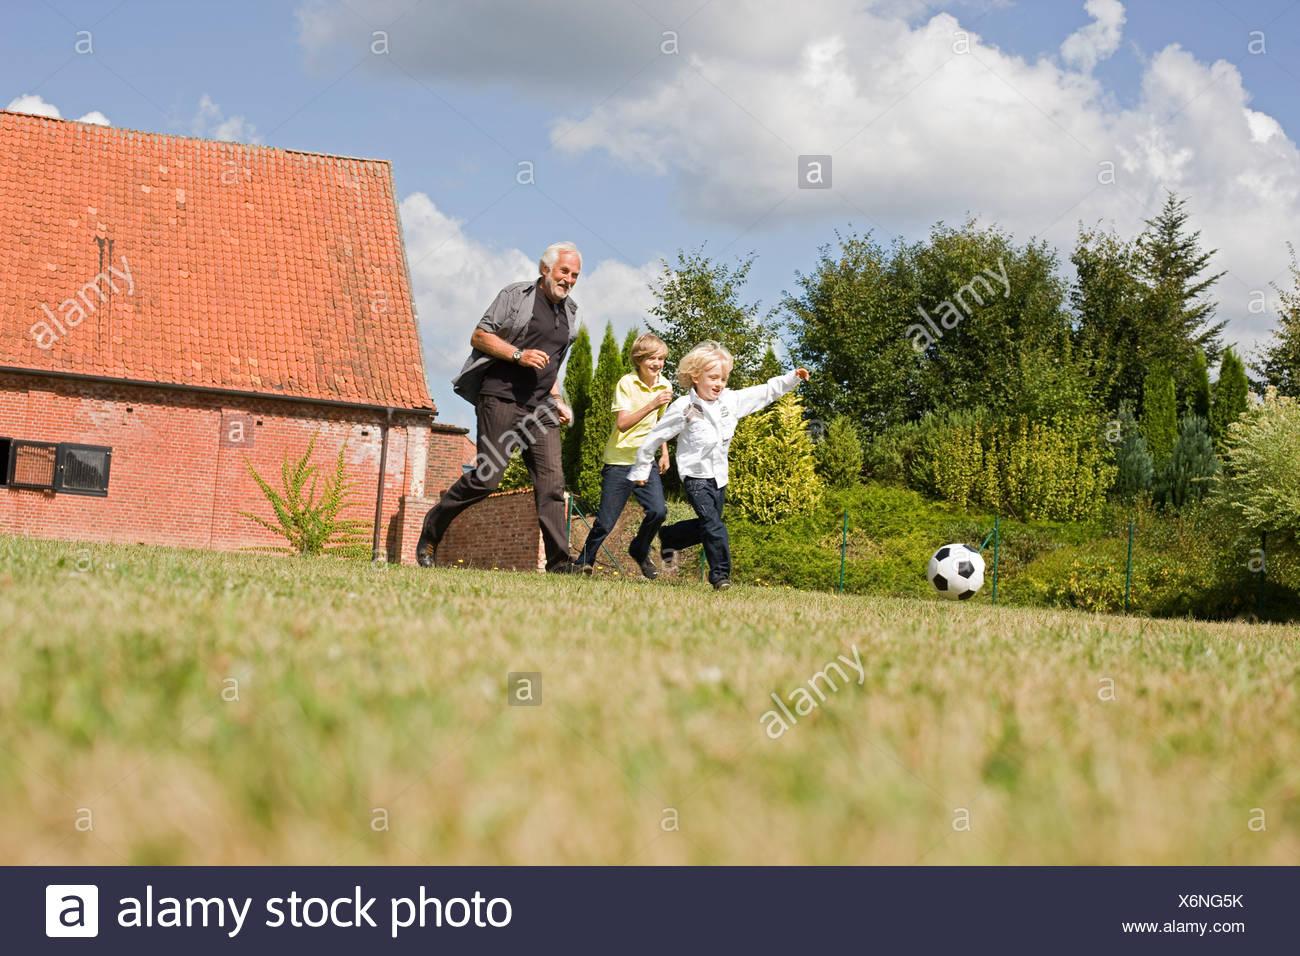 Nonno e i bambini a giocare a calcio Immagini Stock